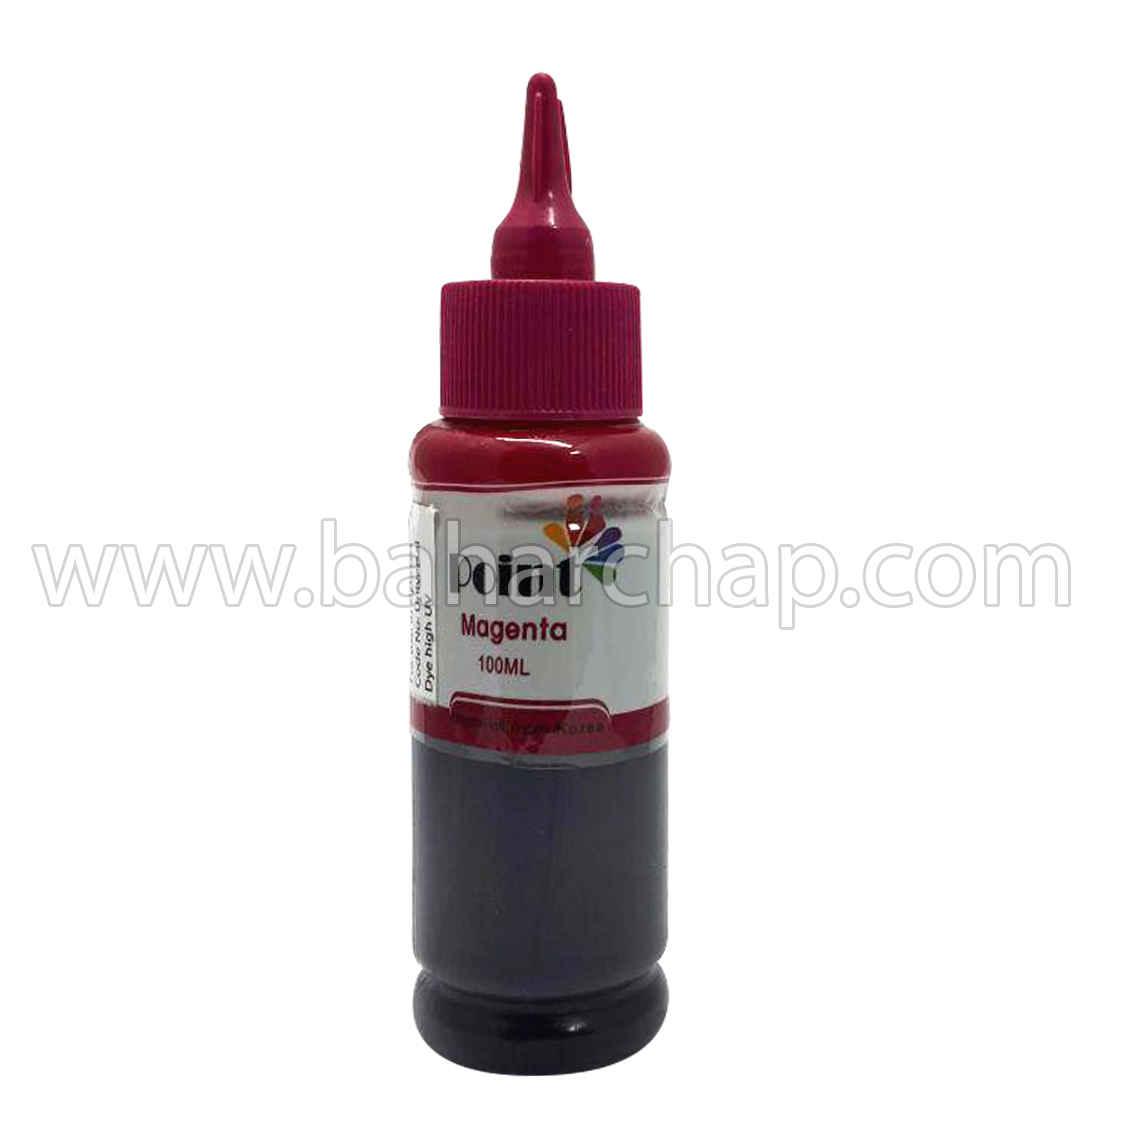 فروشگاه و خدمات اینترنتی بهارچاپ اصفهان-جوهر 100cc قرمز اپسون پوینت-POINT epson magenta  ink 100cc